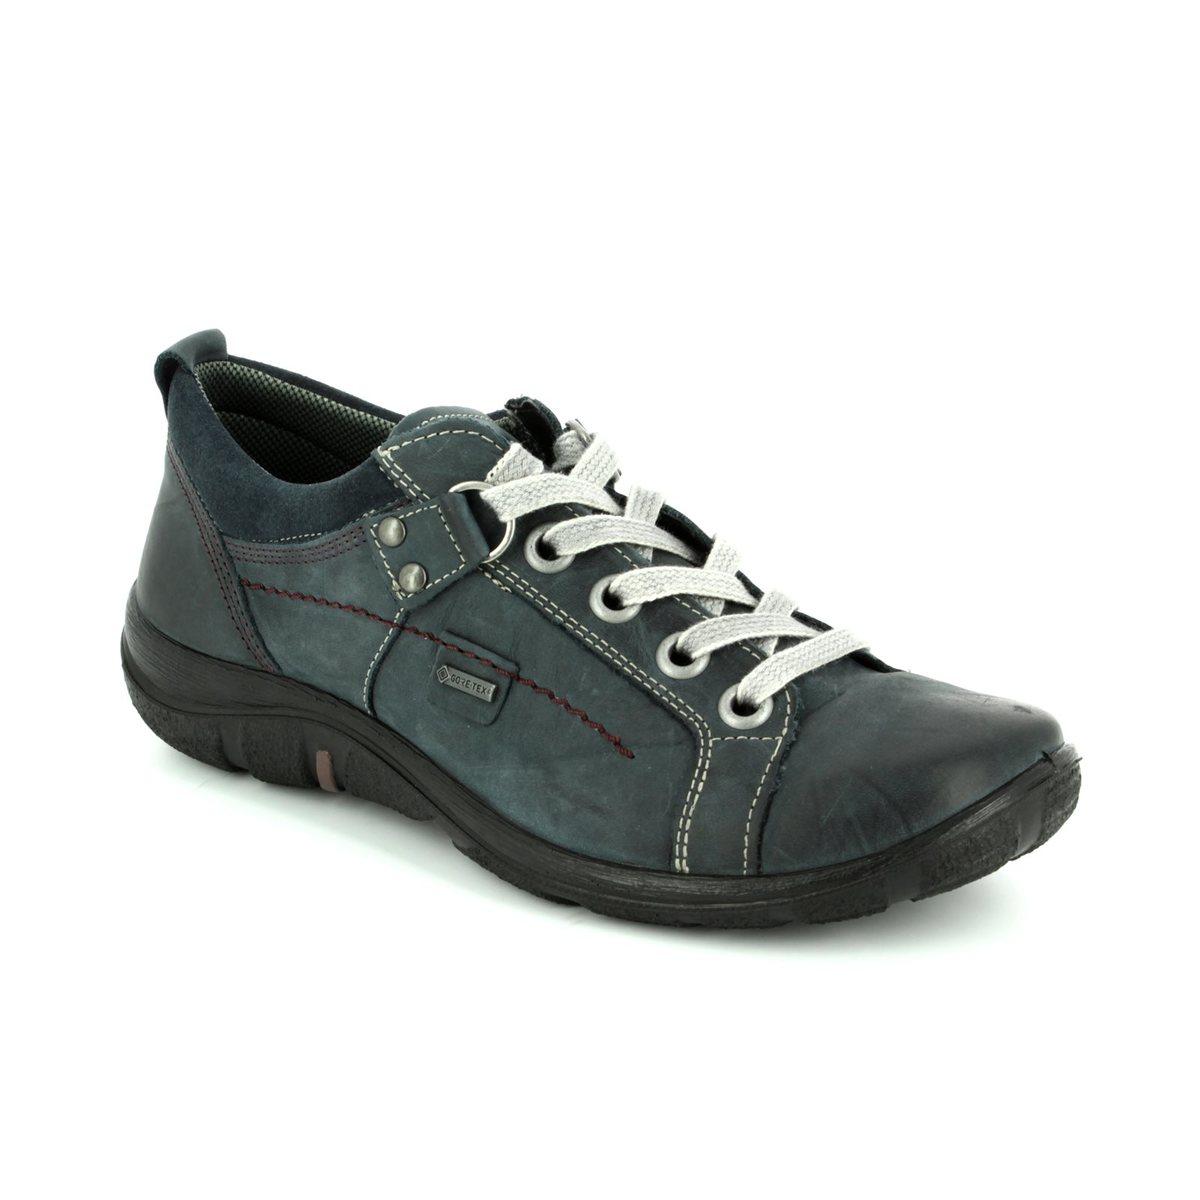 Legero Shoes Price